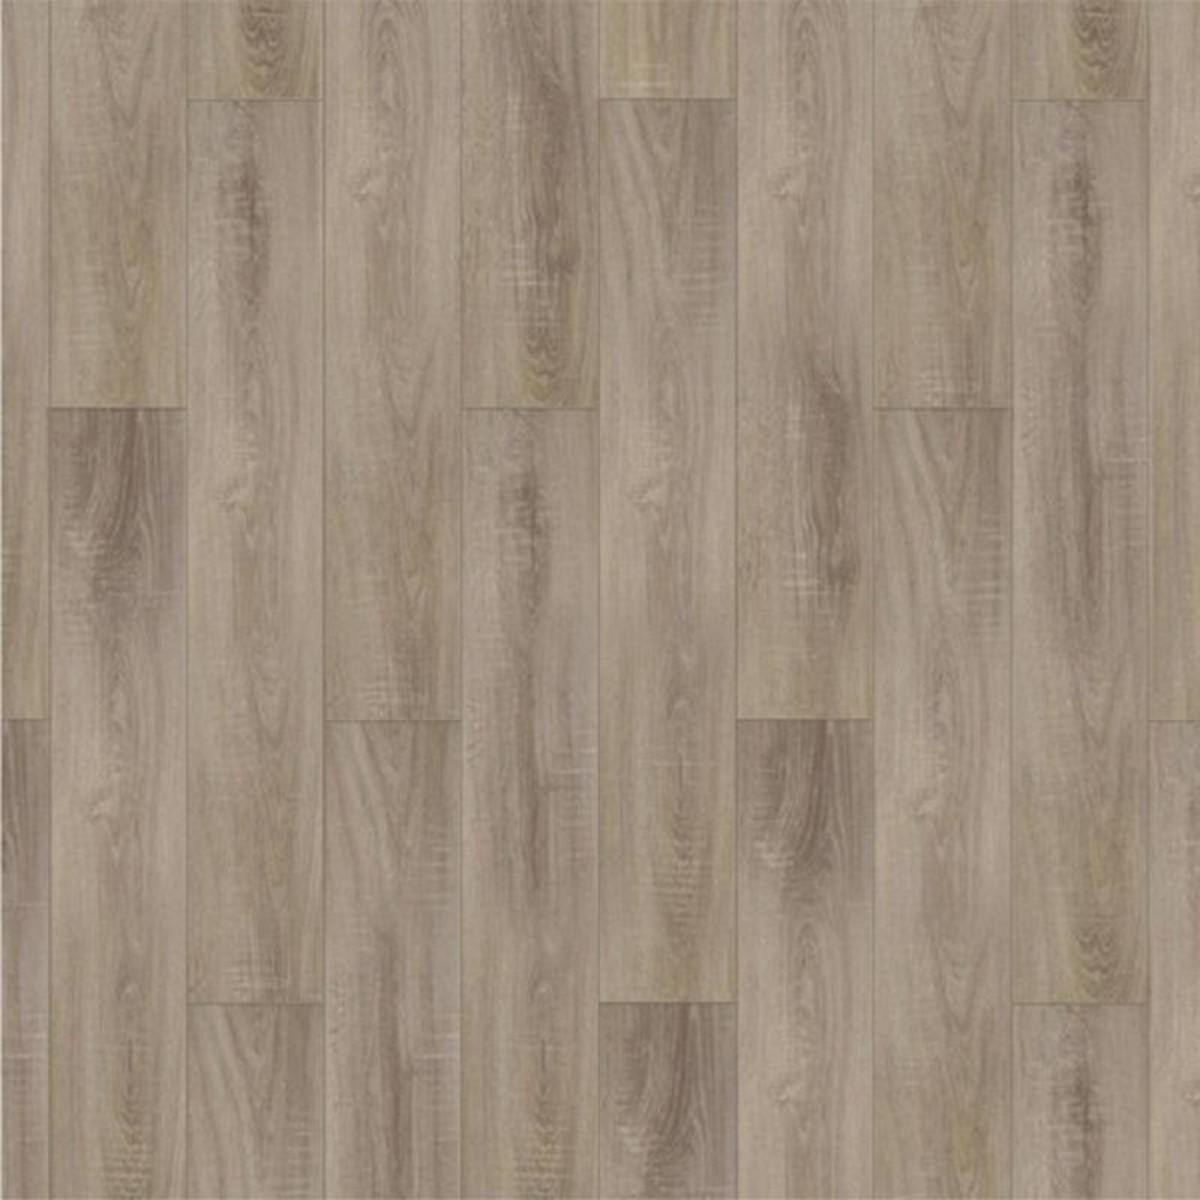 Ламинат Timber Harvest 33 класс толщина 10 мм 2.005 м²